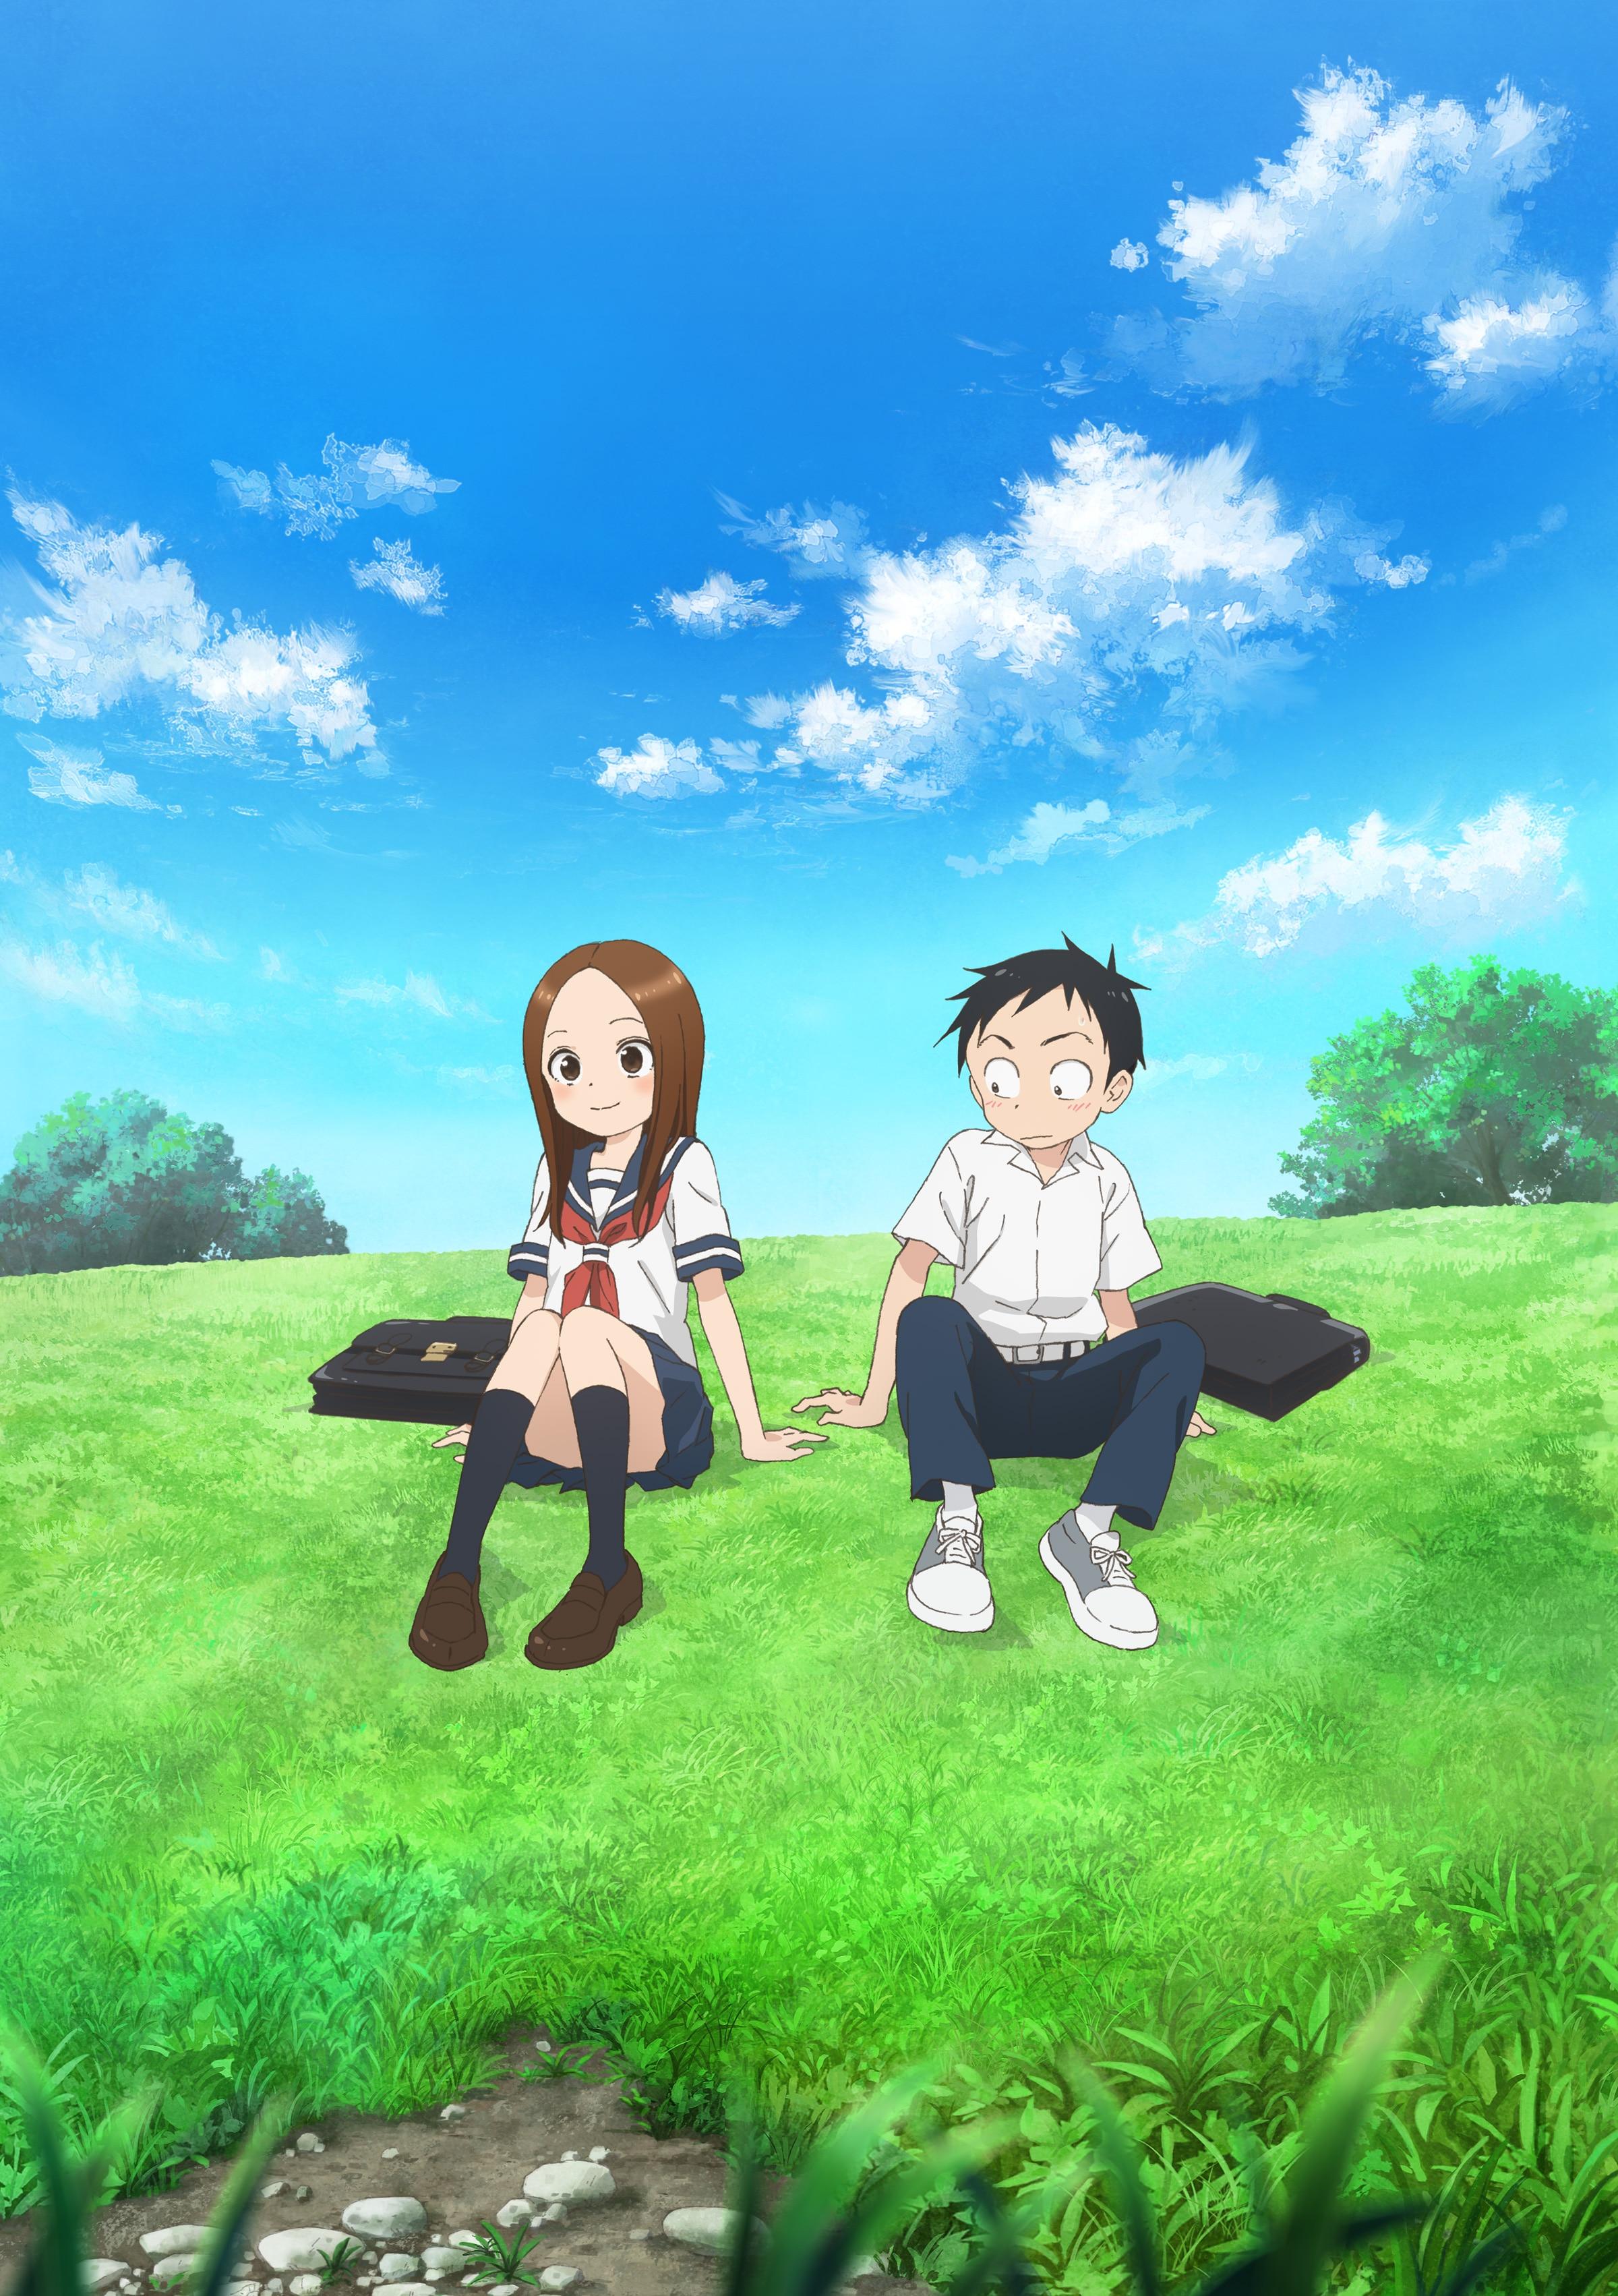 擅长捉弄的高木同学第二季动画第2弹PV公开! 擅长捉弄的高木同学第二季 ACG资讯